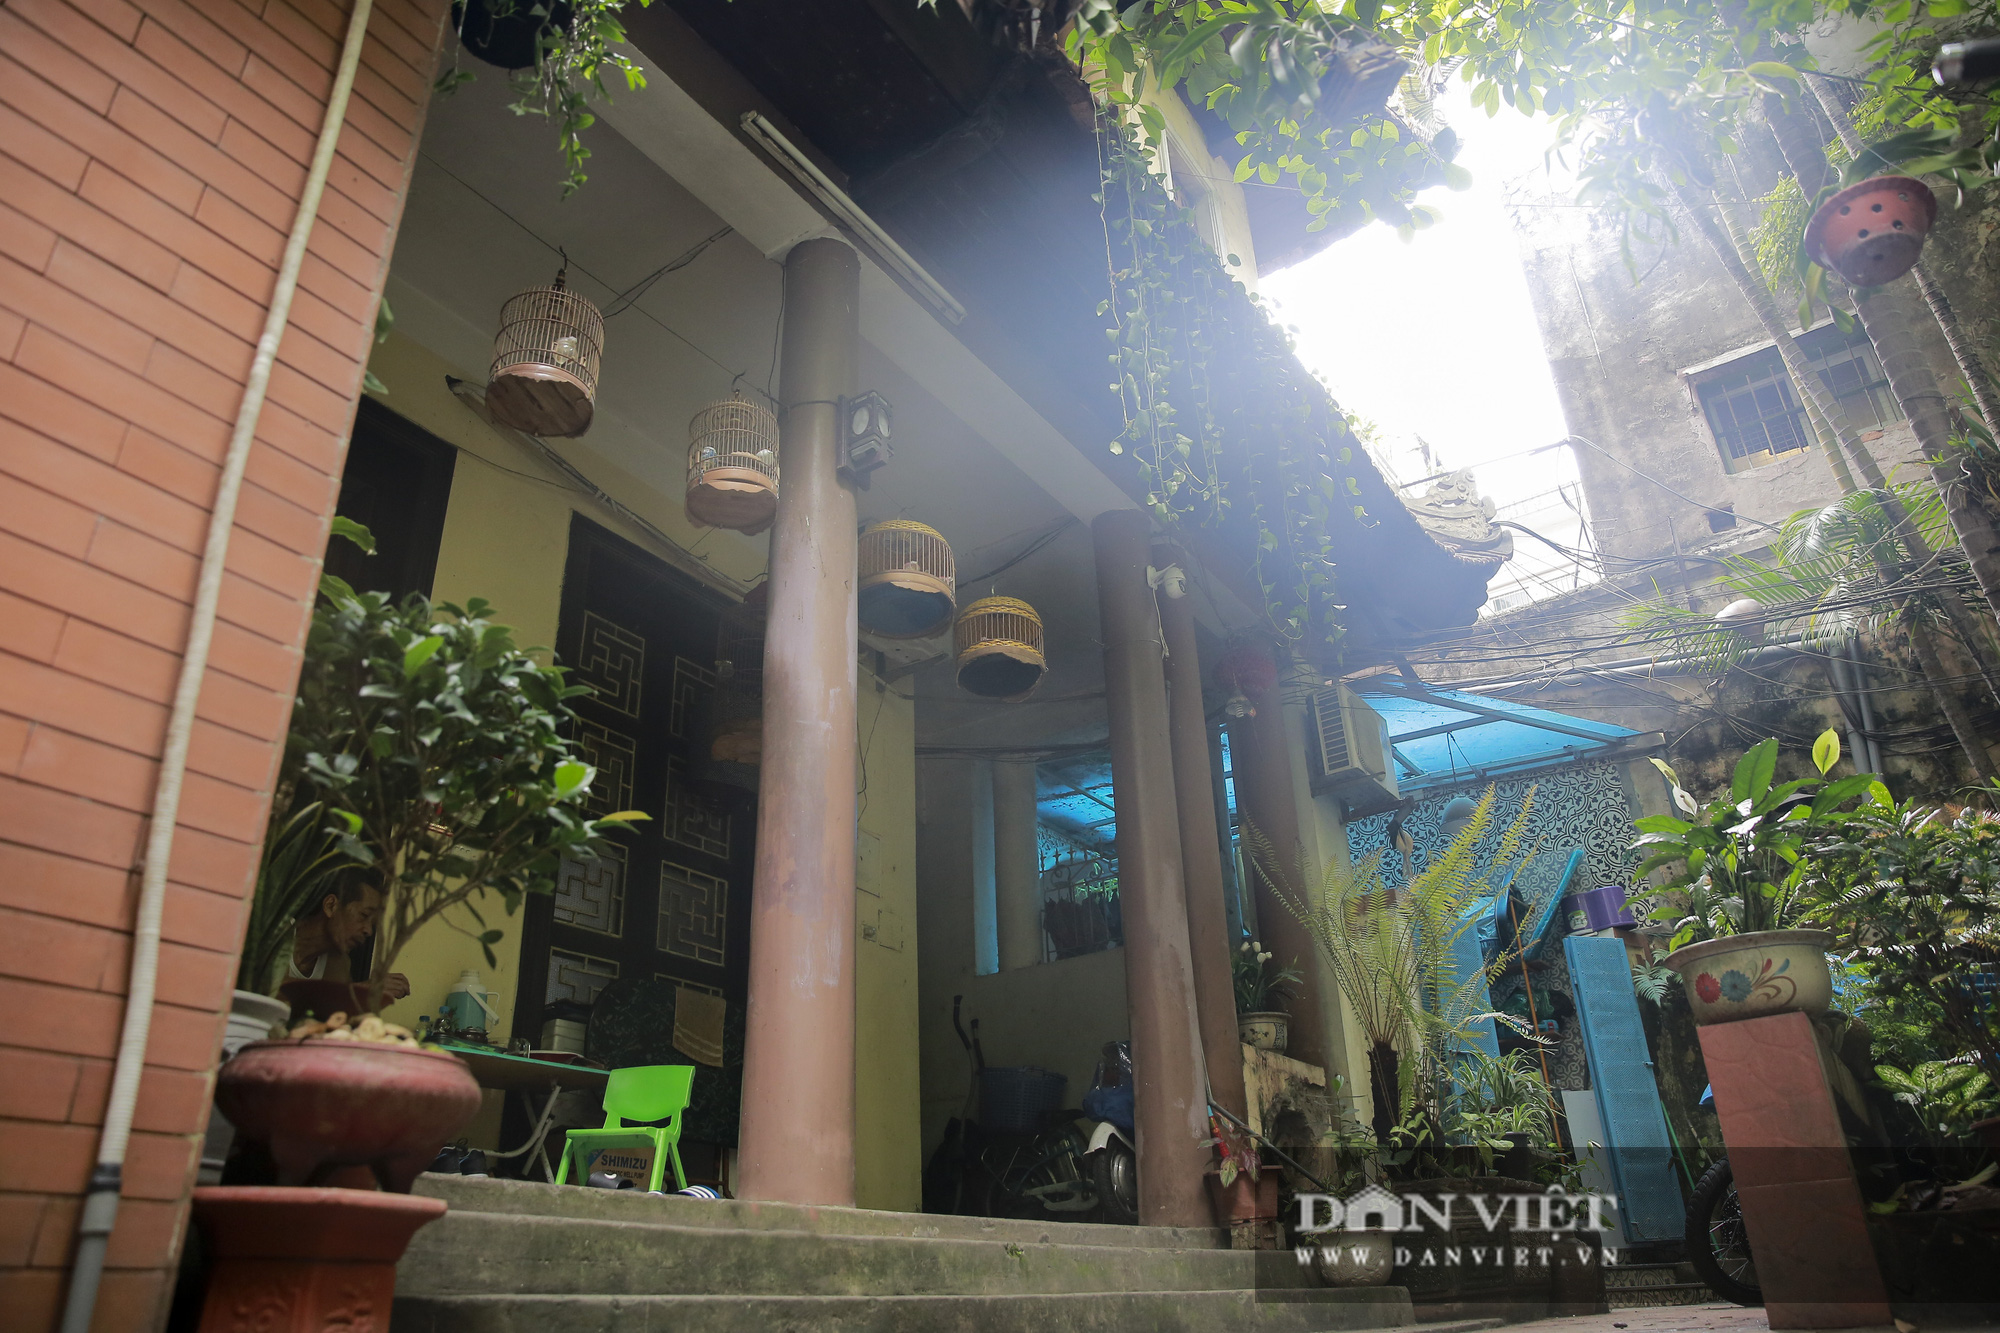 Khám phá ngôi nhà vườn xuyên phố duy nhất ở phố cổ Hà Nội - Ảnh 3.